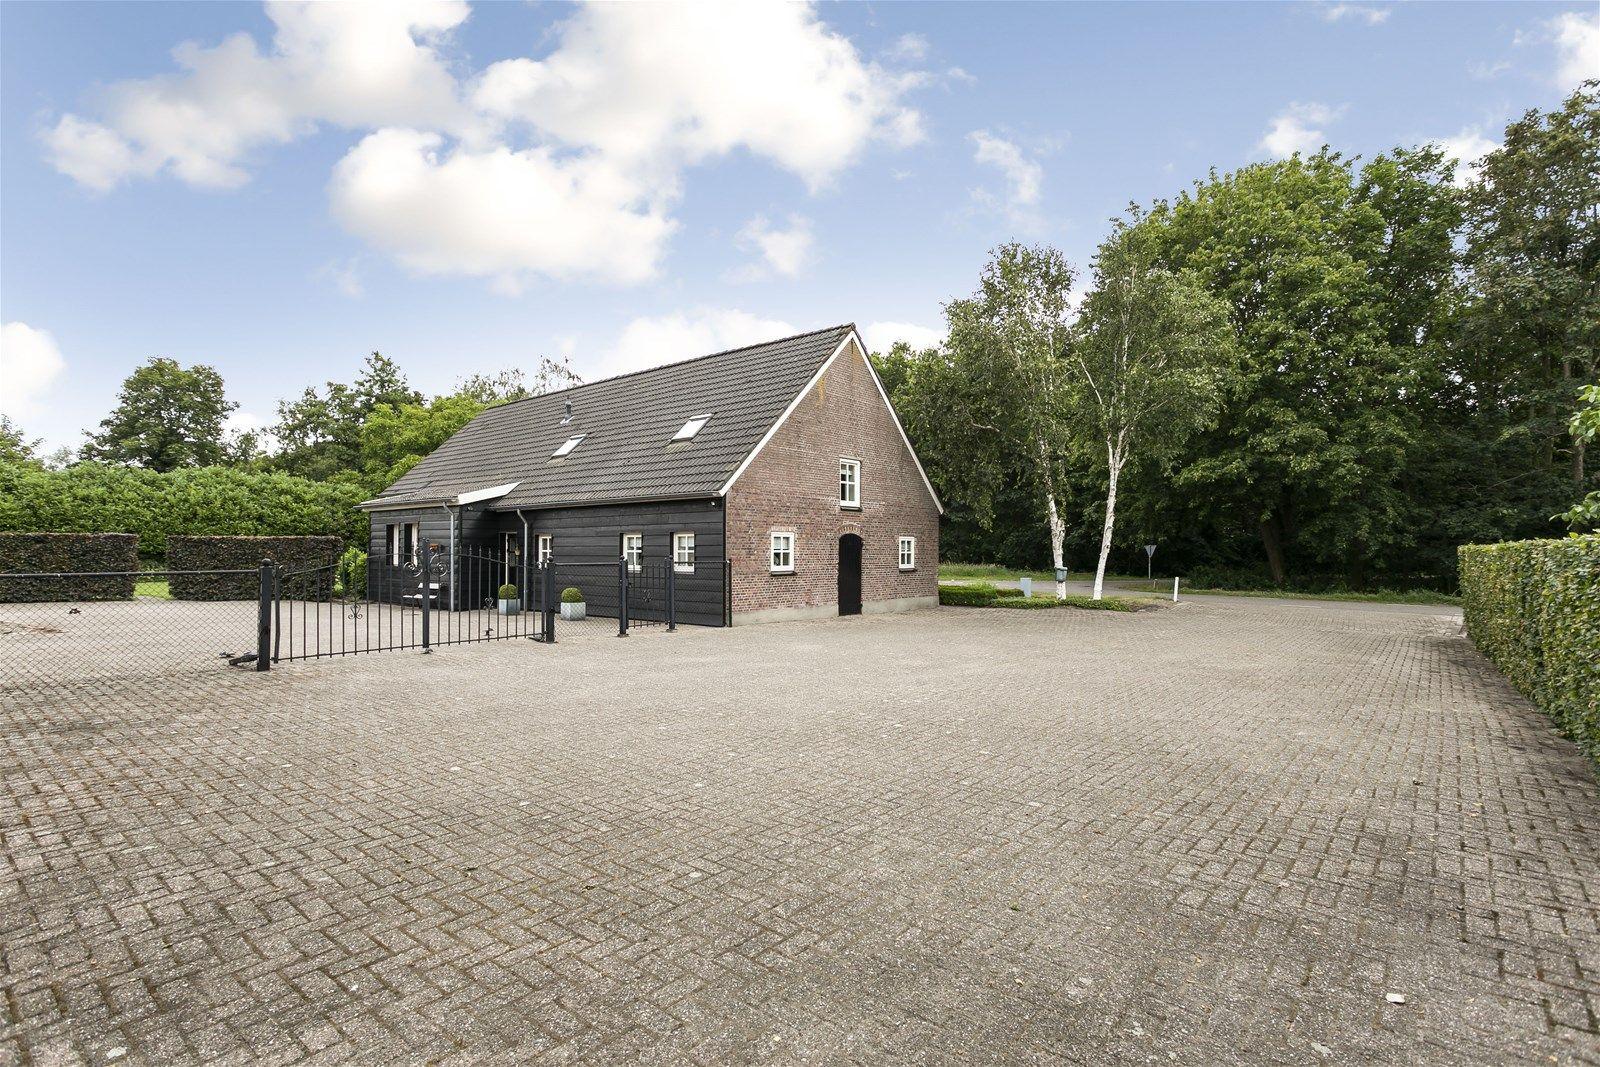 Sfeervolle - karakteristieke woonboerderij met diverse bijgebouwen gelegen op een perceel van 3.635 m² in een  groenrijke en landelijke omgeving op korte afstand van diverse natuurgebieden waaronder natuurgebied -Pannenhoef-. Binnen 5 autominuten bereik je het bruisende dorpscentrum van Etten-Leur.   De woning kent leuke authentieke details zoals plavuizen vloeren,glas-in-lood, paneeldeuren en houten vloeren. De begane grond heeft een ruime living, leefkeuken, kantoorruimte, praktische bijkeuken, een moderne badkamer en een tweetal slaapkamers. De eerste verdieping beschikt over een werkkamer en een royale slaap– en zolderkamer.   Naast de woning bevindt zich een royaal gazon met terras waardoor je heerlijk kunt genieten van het buitenleven!  BEGANE GROND Entree/hal met toegang tot de toiletruimte, twee slaapkamers, de badkamer, praktische bijkeuken en de vaste trap naar de eerste verdieping. Afwerking- hardstenen vloer, Spachtelputz wanden en een stucwerk plafond.  Achter entree/gang met toegang tot de bijkeuken, keuken en hal/entree.  Afwerking- hardstenen vloer, wandlambrisering met daarboven stucwerk en een stucwerk plafond.  Toiletruimte Afwerking- tegelvloer, stucwerk wanden en stucwerk plafond.  Ruime living met glas in lood schuifdeuren en toegang tot de woonkeuken. Afwerking- massief houten vloer, stucwerk wanden en een stucwerk plafond. Meterkast- 8 groepen, 2 aardlekschakelaars en 1 krachtstroomgroep.  Moderne leefkeuken uitgerust met een terrazzo aanrechtblad, spoelbak, vaatwasser, 5-pits gaskookplaat,    afzuigkap, koelkast en kastruimte. Vanuit de keuken is de living, de werkkamer en de gang richting de hal bereikbaar. Afwerking- plavuizen vloer, stucwerk wanden en een stucwerk plafond.  Werkkamer/speelkamer met toegang tot de keuken. Afwerking- houten vloer, stucwerk wanden en een stucwerk plafond.  Moderne badkamer uitgerust met een ligbad, inloopdouche, badkamer meubel met wastafel, elektrische vloerverwarming en designradiator. Afwerking- tegelvloe